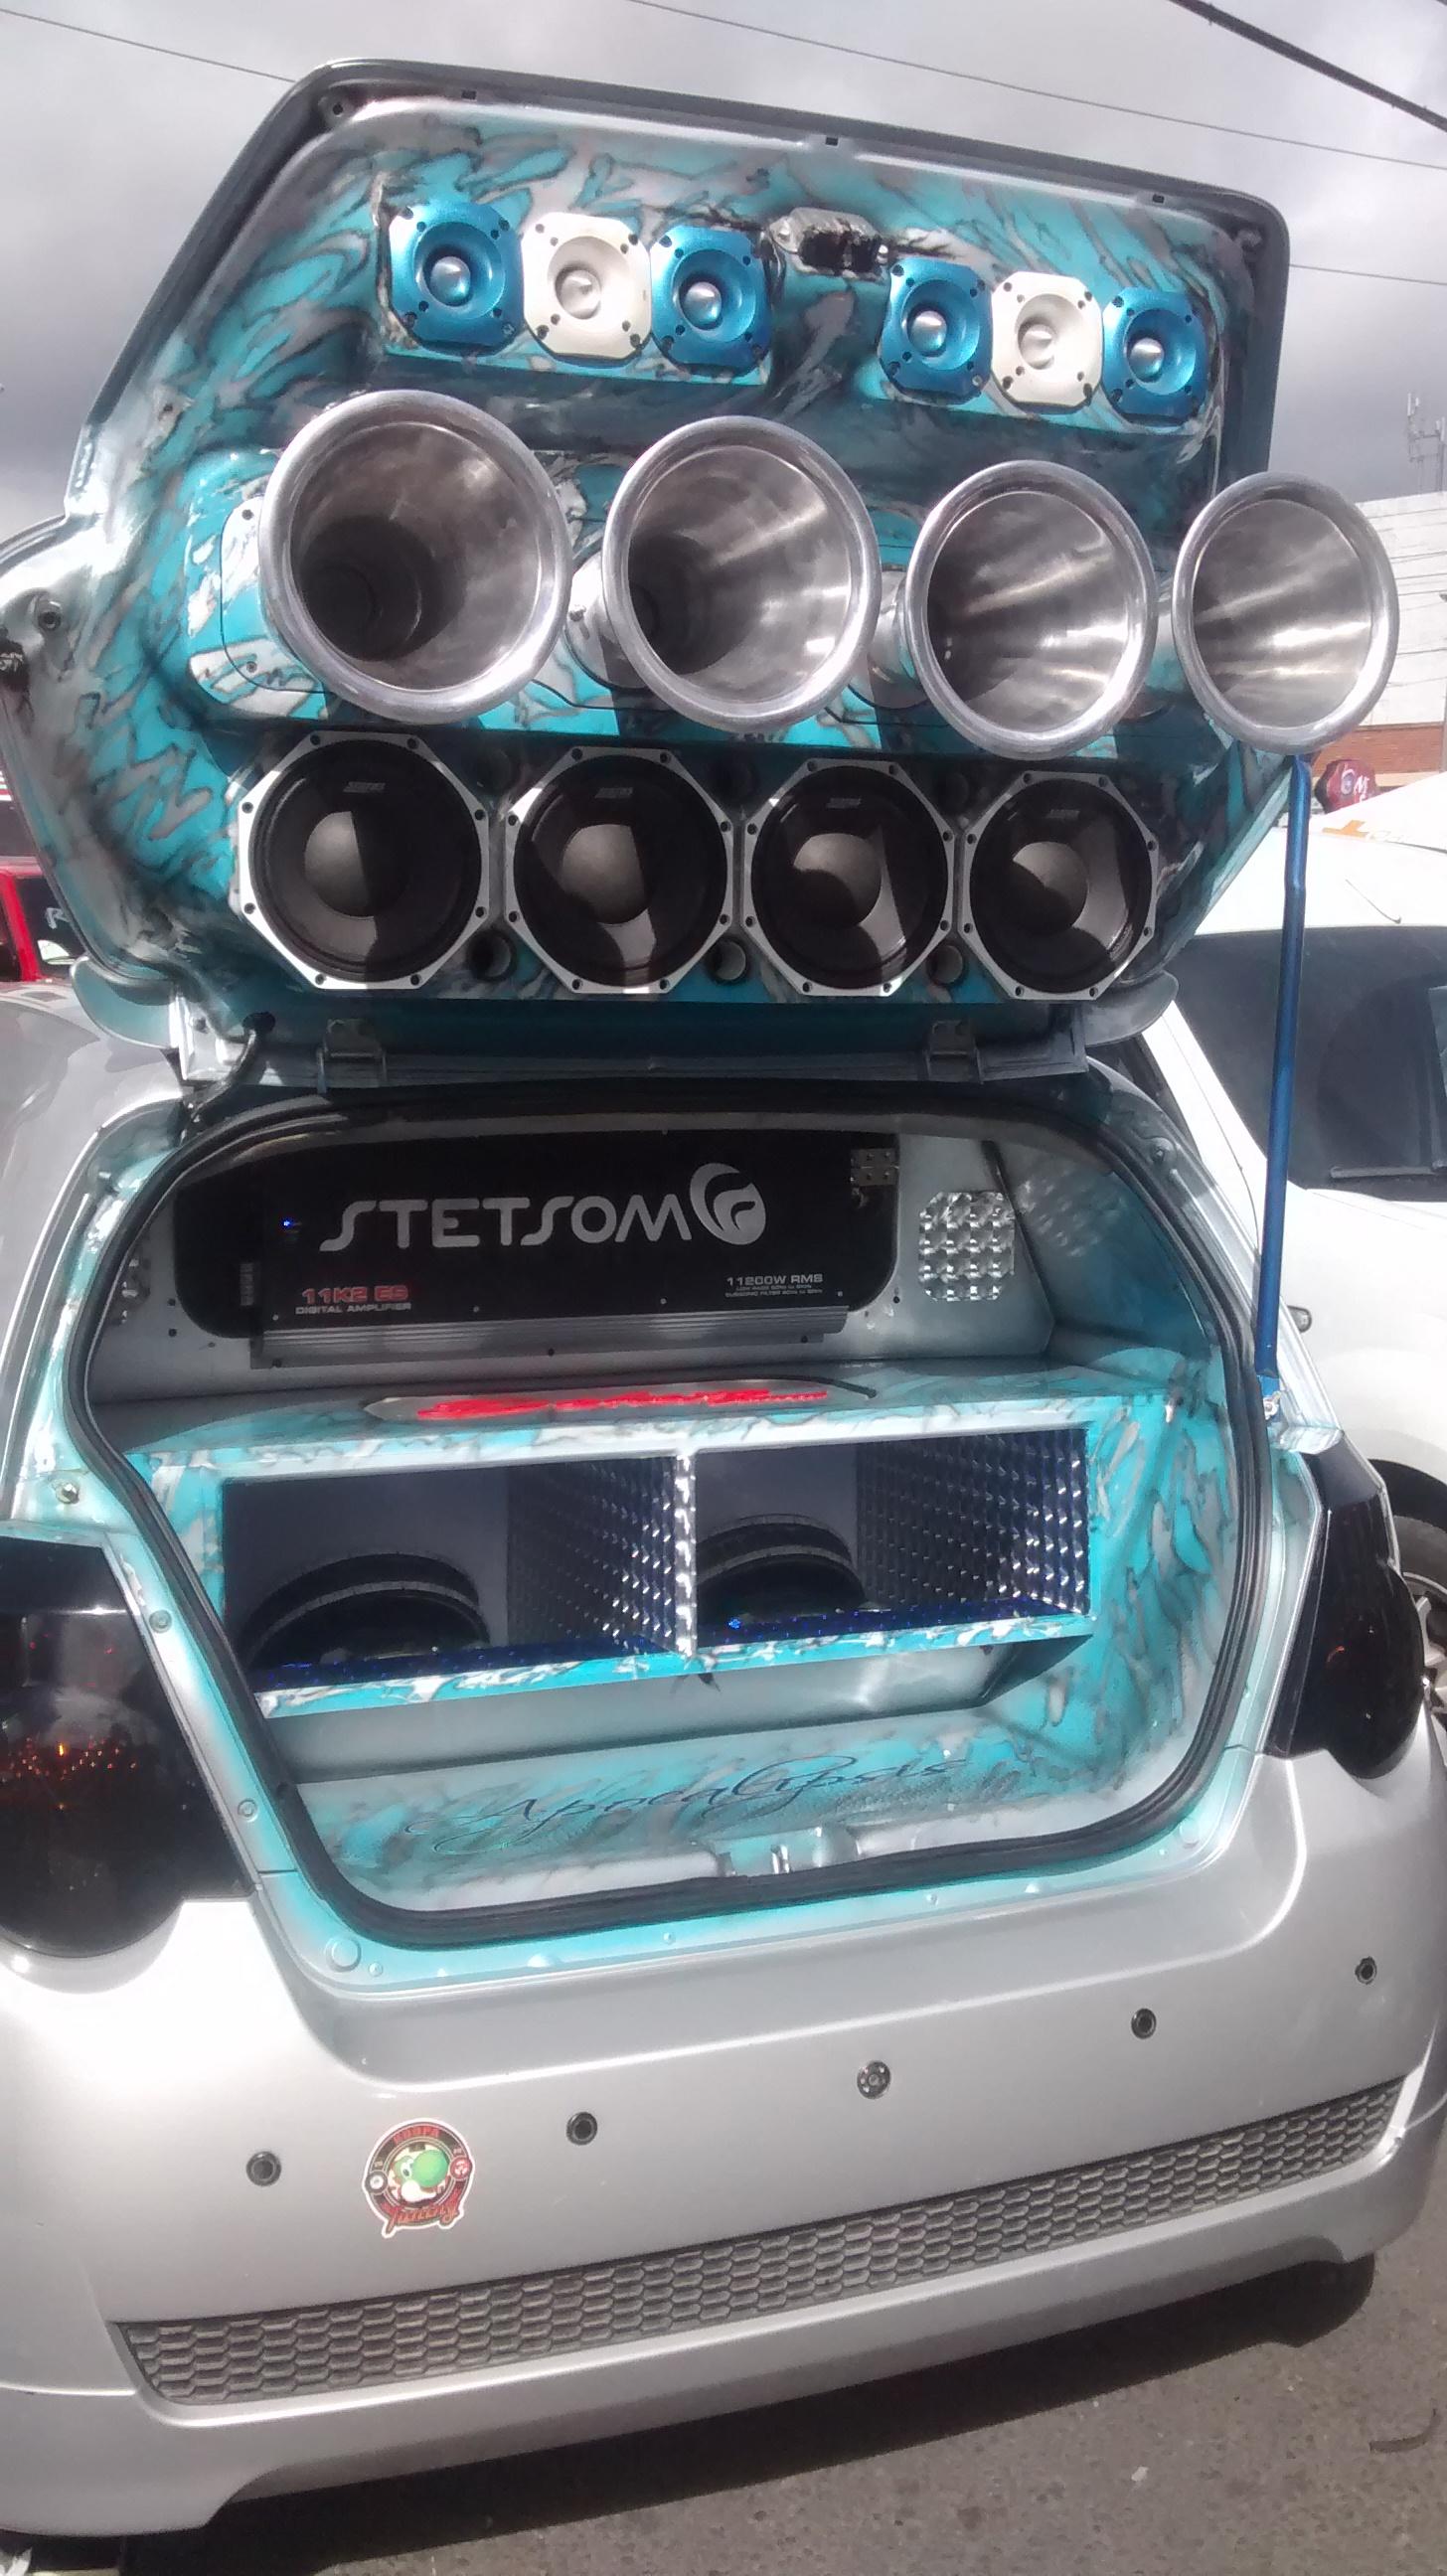 FOROS CAR AUDIO instalación de radios carro | Montajes de Car Audio